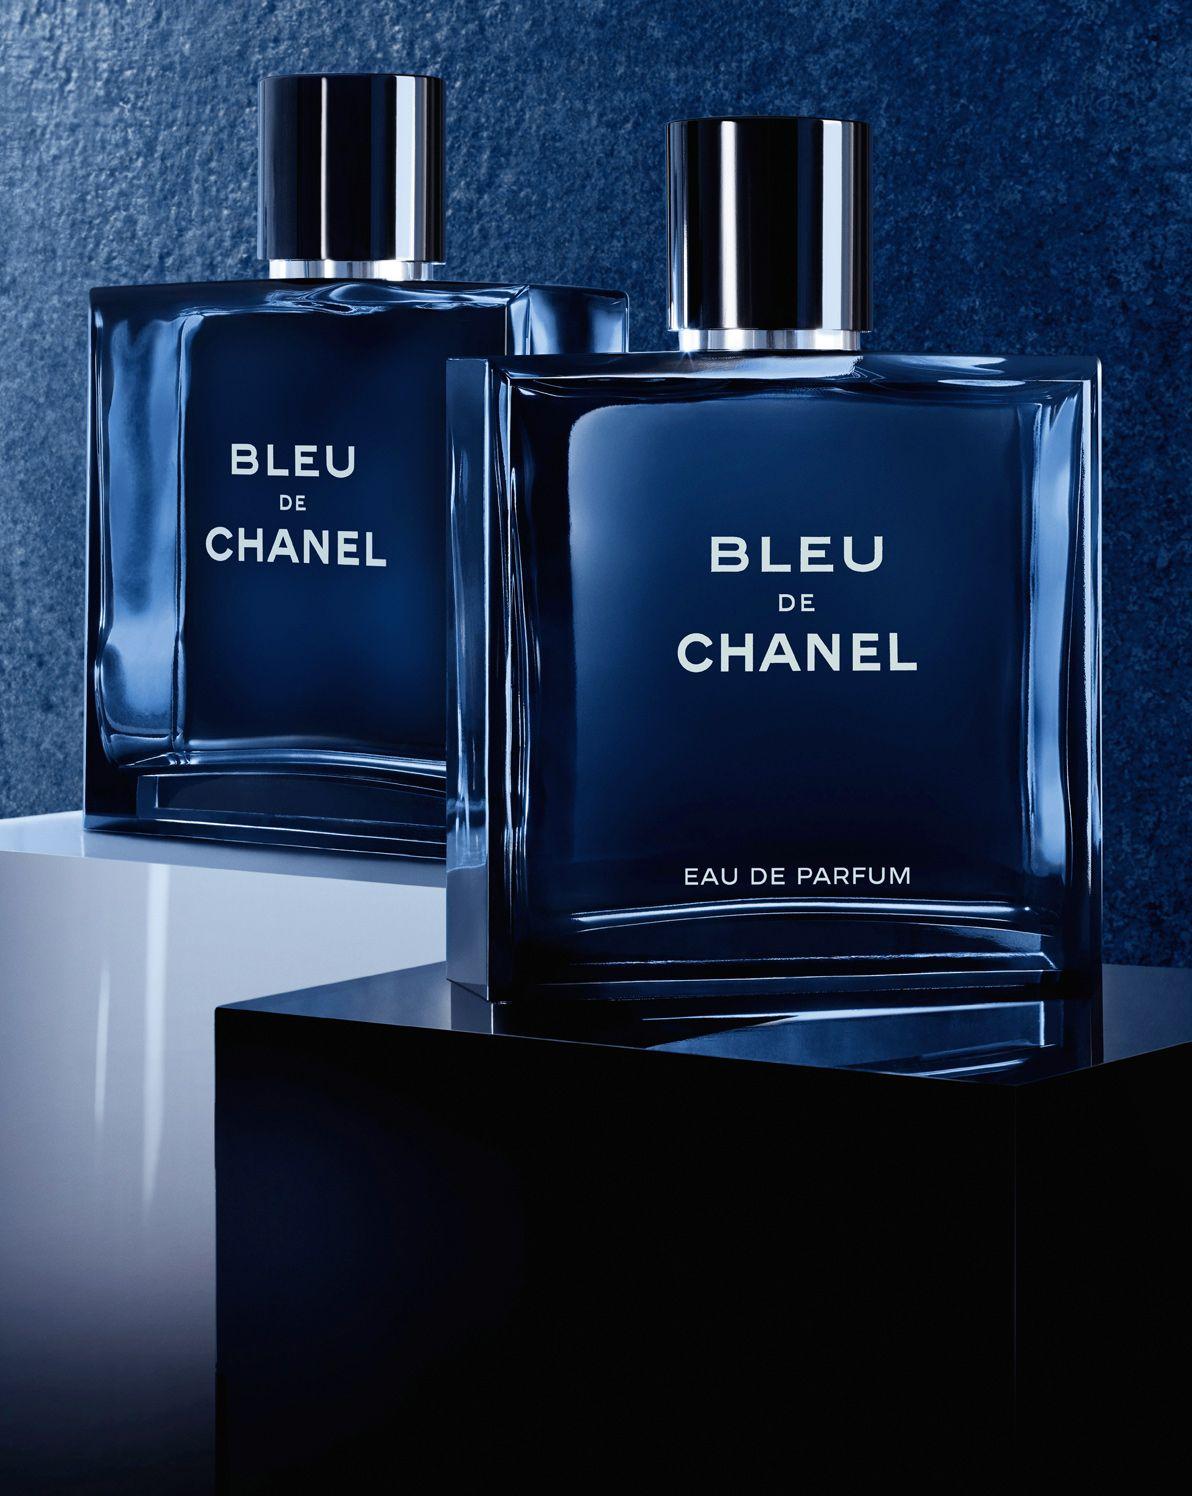 Bleu De Chanel Edp 100 Ml For Men Perfume For Bangladesh